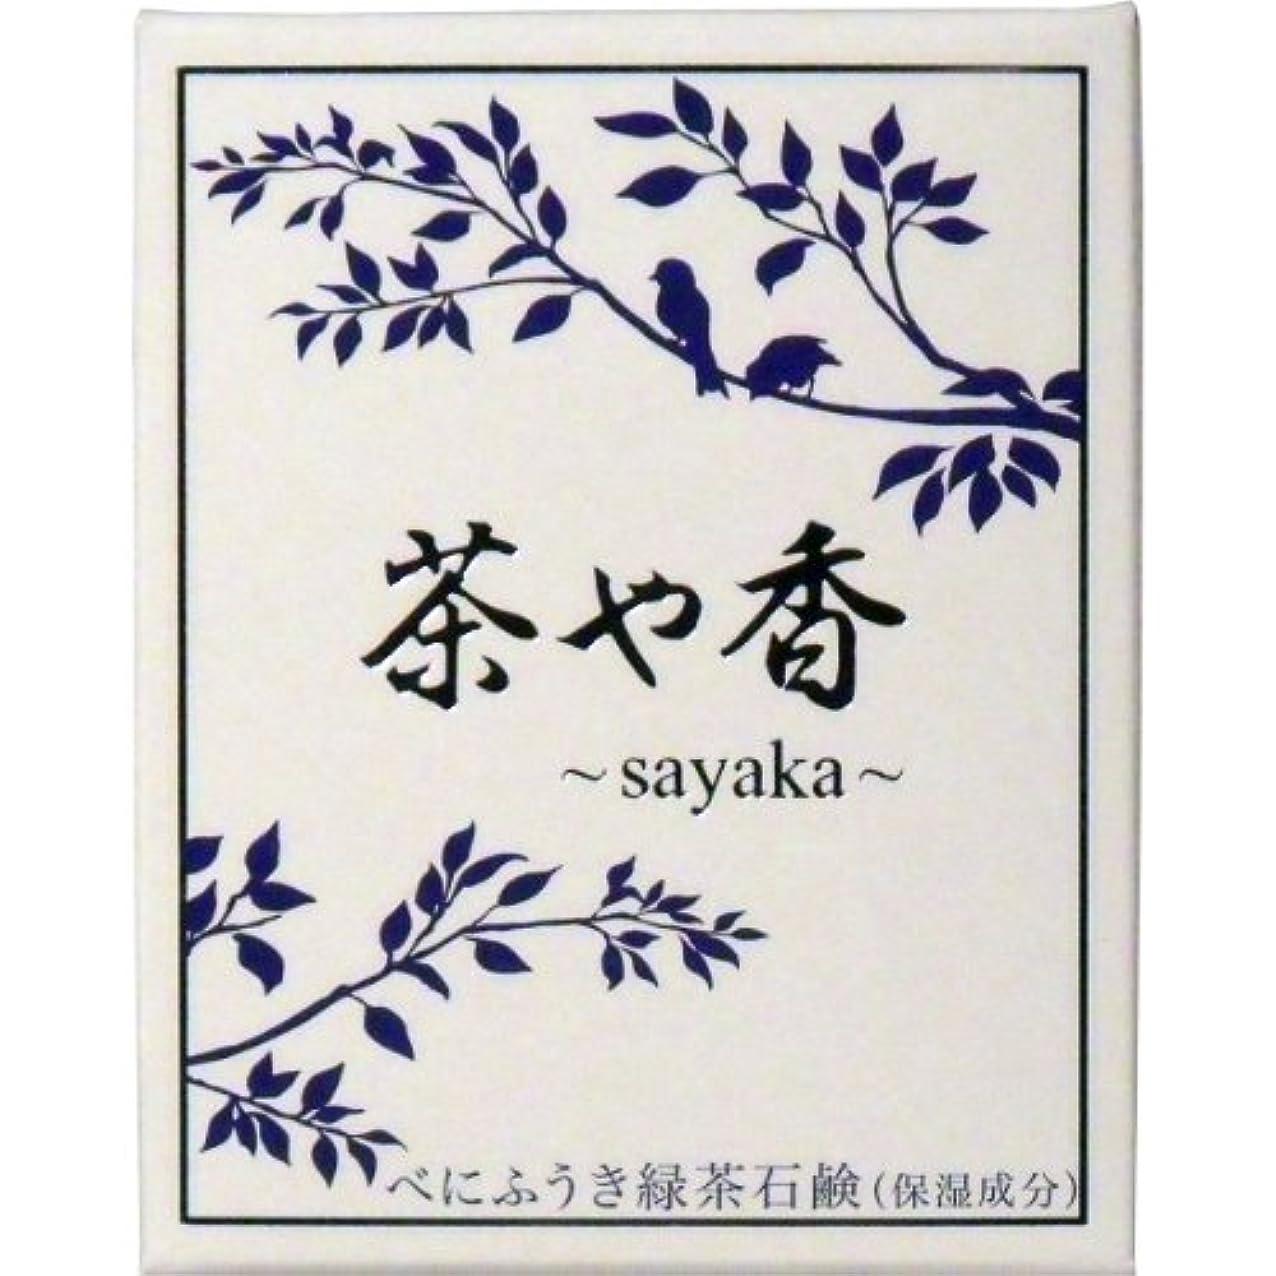 活性化する震える茶や香 -sayaka- べにふうき緑茶石鹸 100g入 ×8個セット